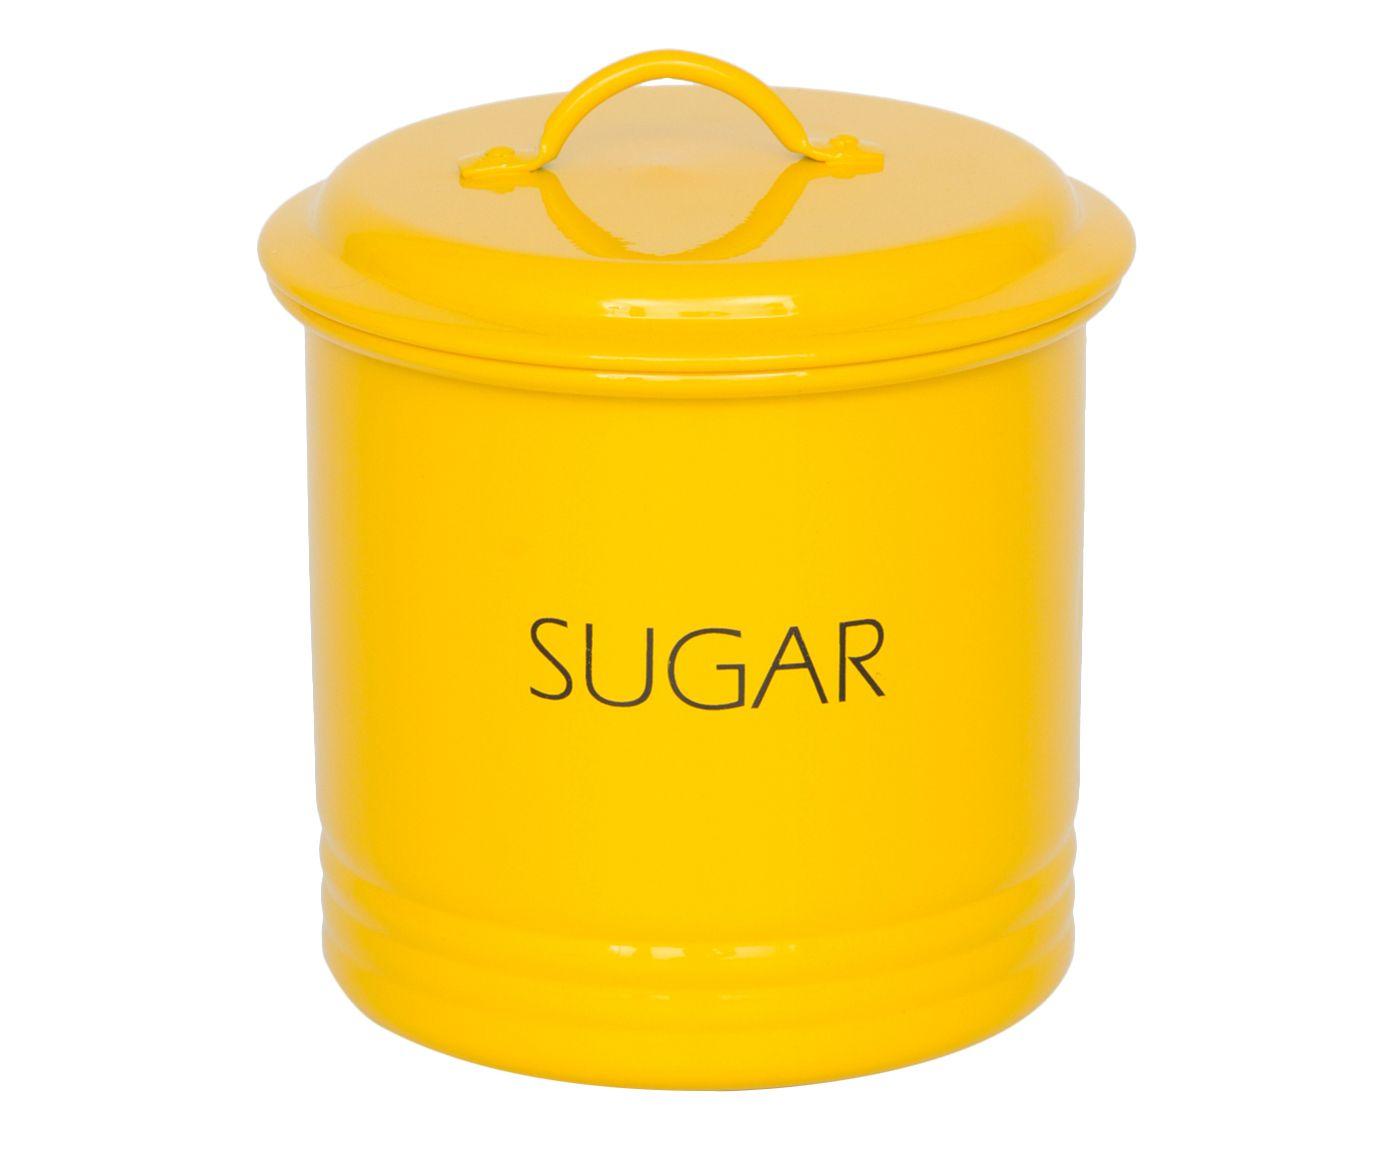 Lata Canelada Sugar - Amarela | Westwing.com.br